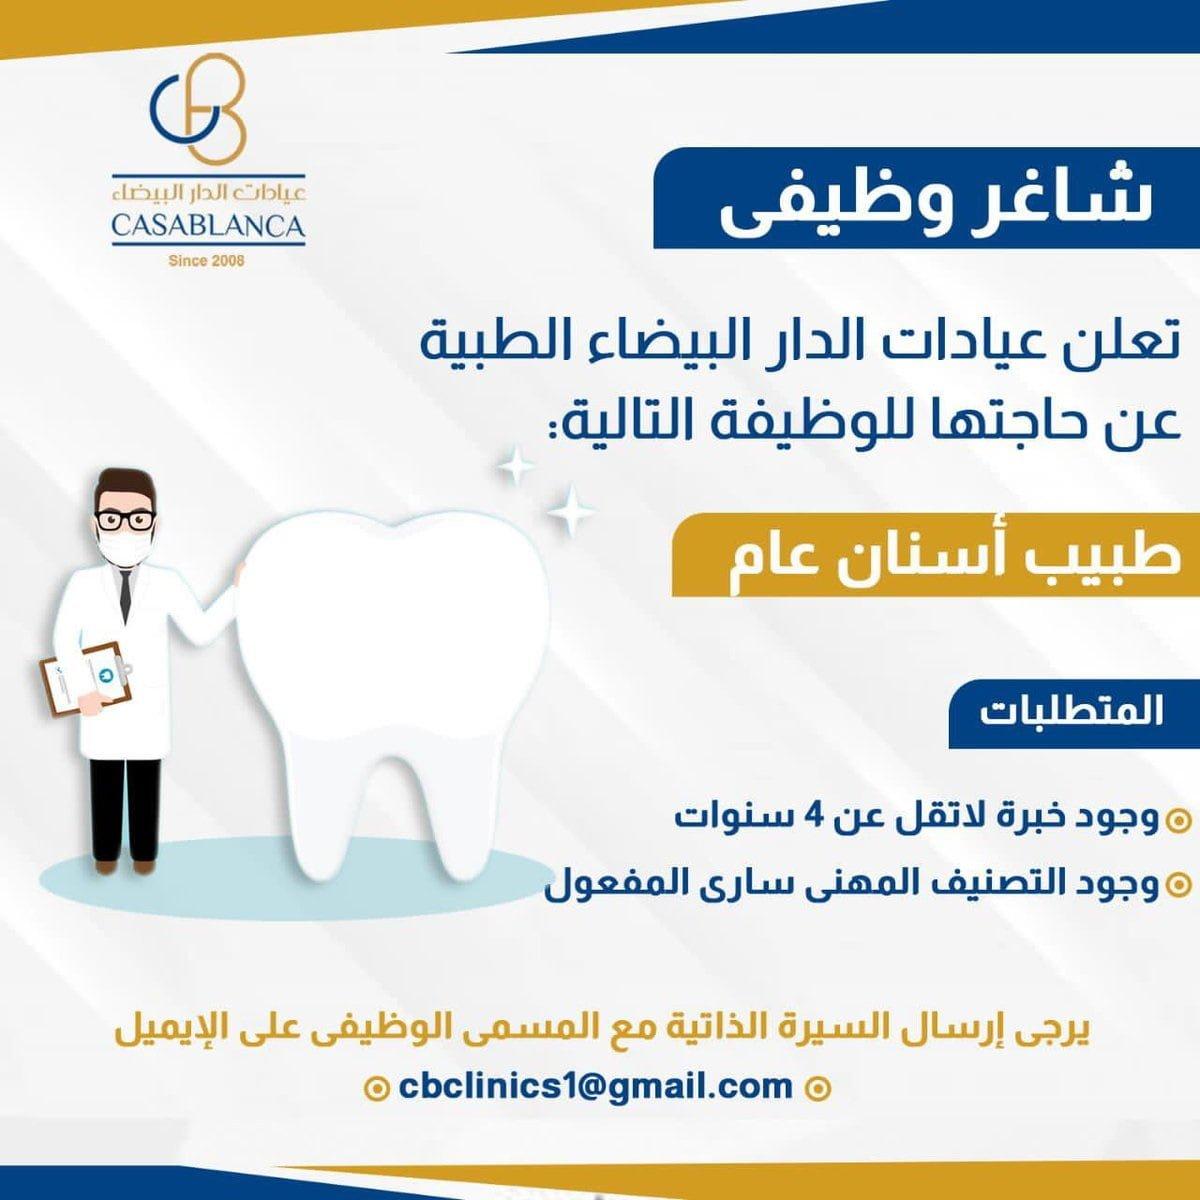 وظائف طبية وإدارية لحملة الثانوية فأعلى بالدمام لدى عيادات الدار البيضاء الطبية 3